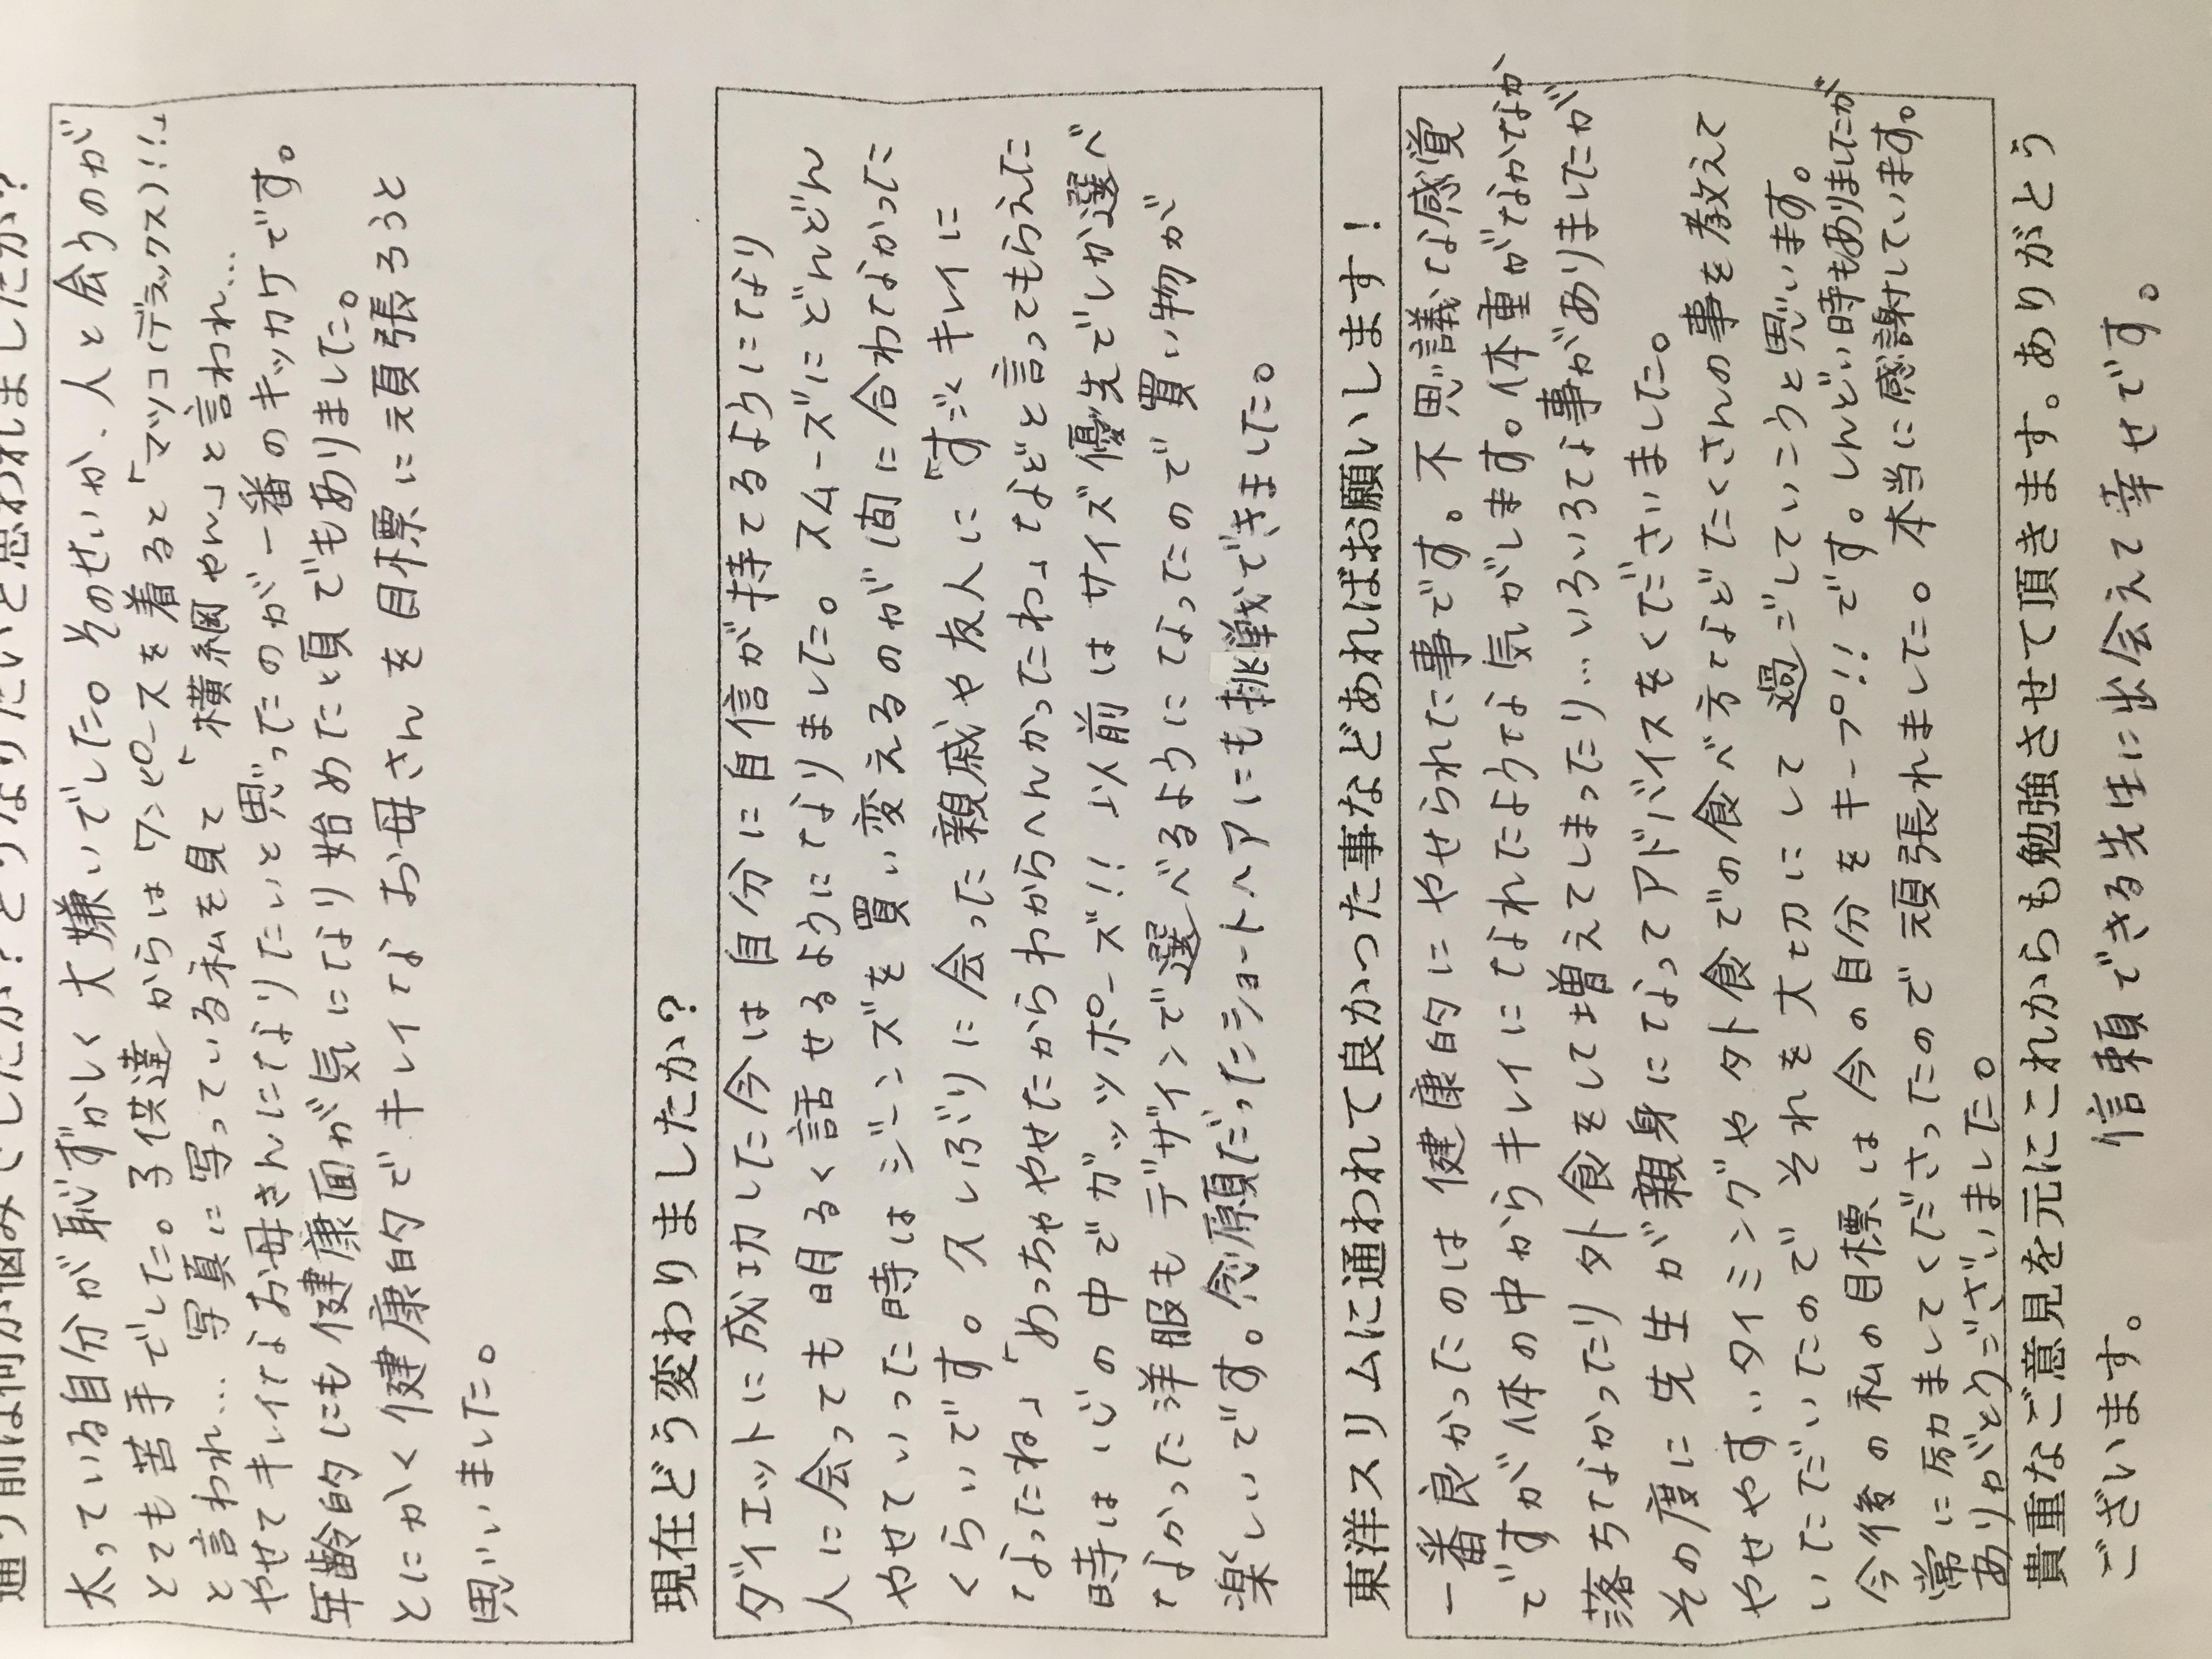 大阪市城東区Oさん43才耳ツボ痩身法で15kgのダイエットに成功